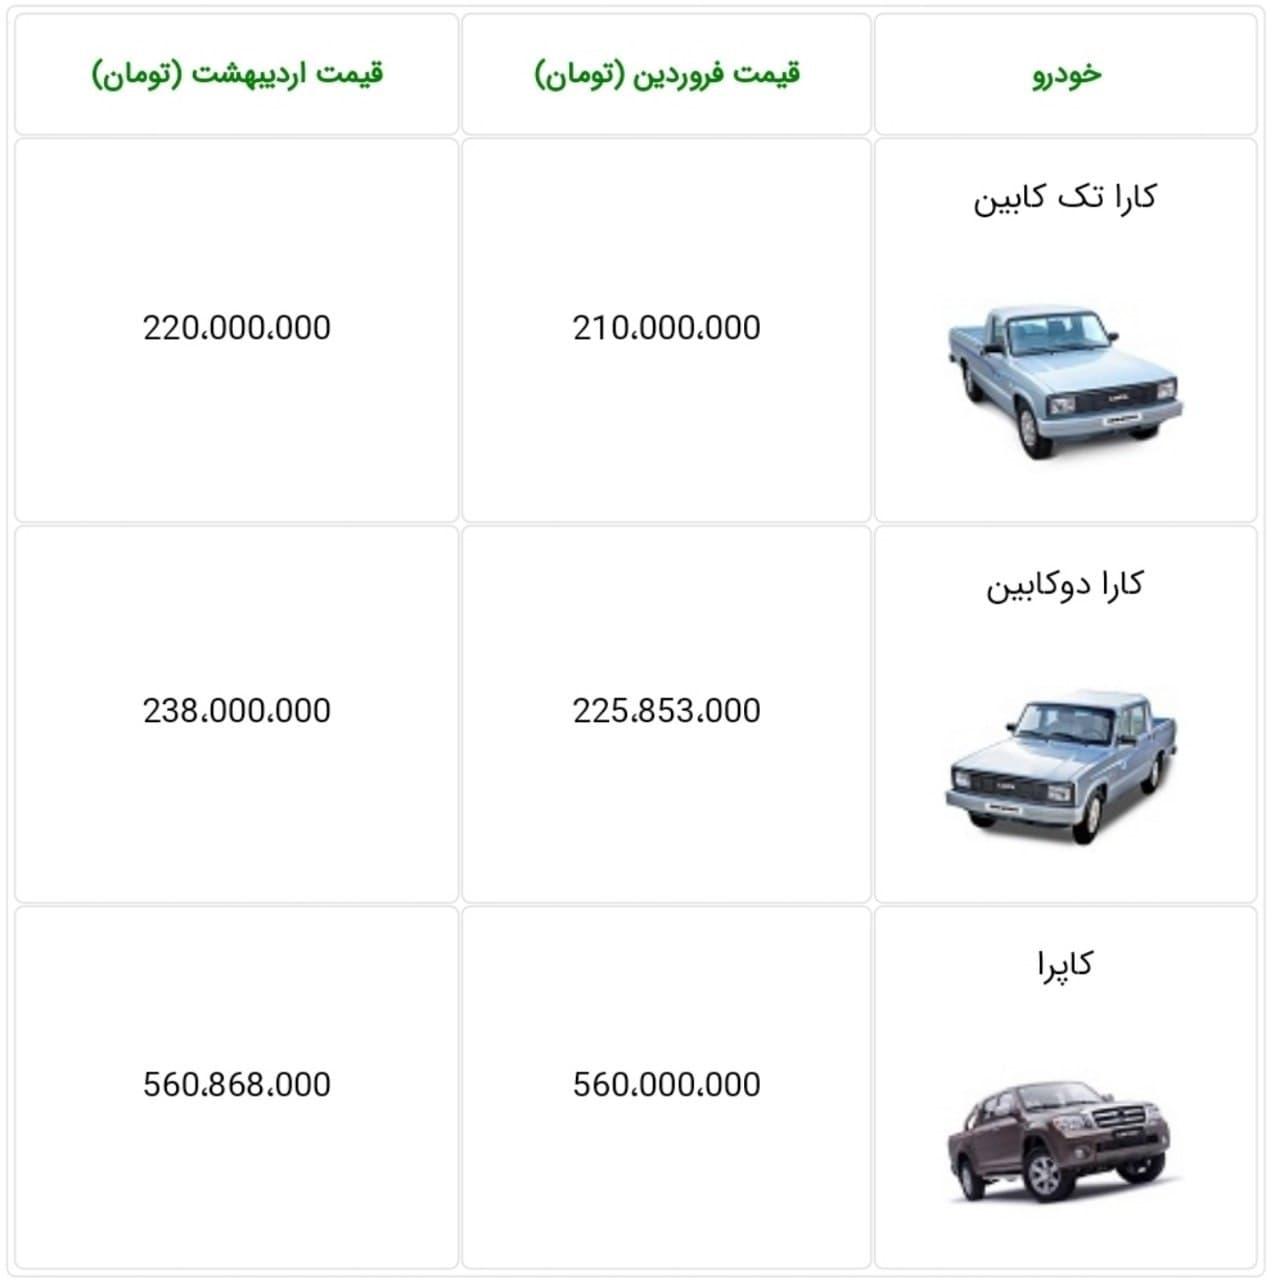 قیمت جدید محصولات بهمن خودرو